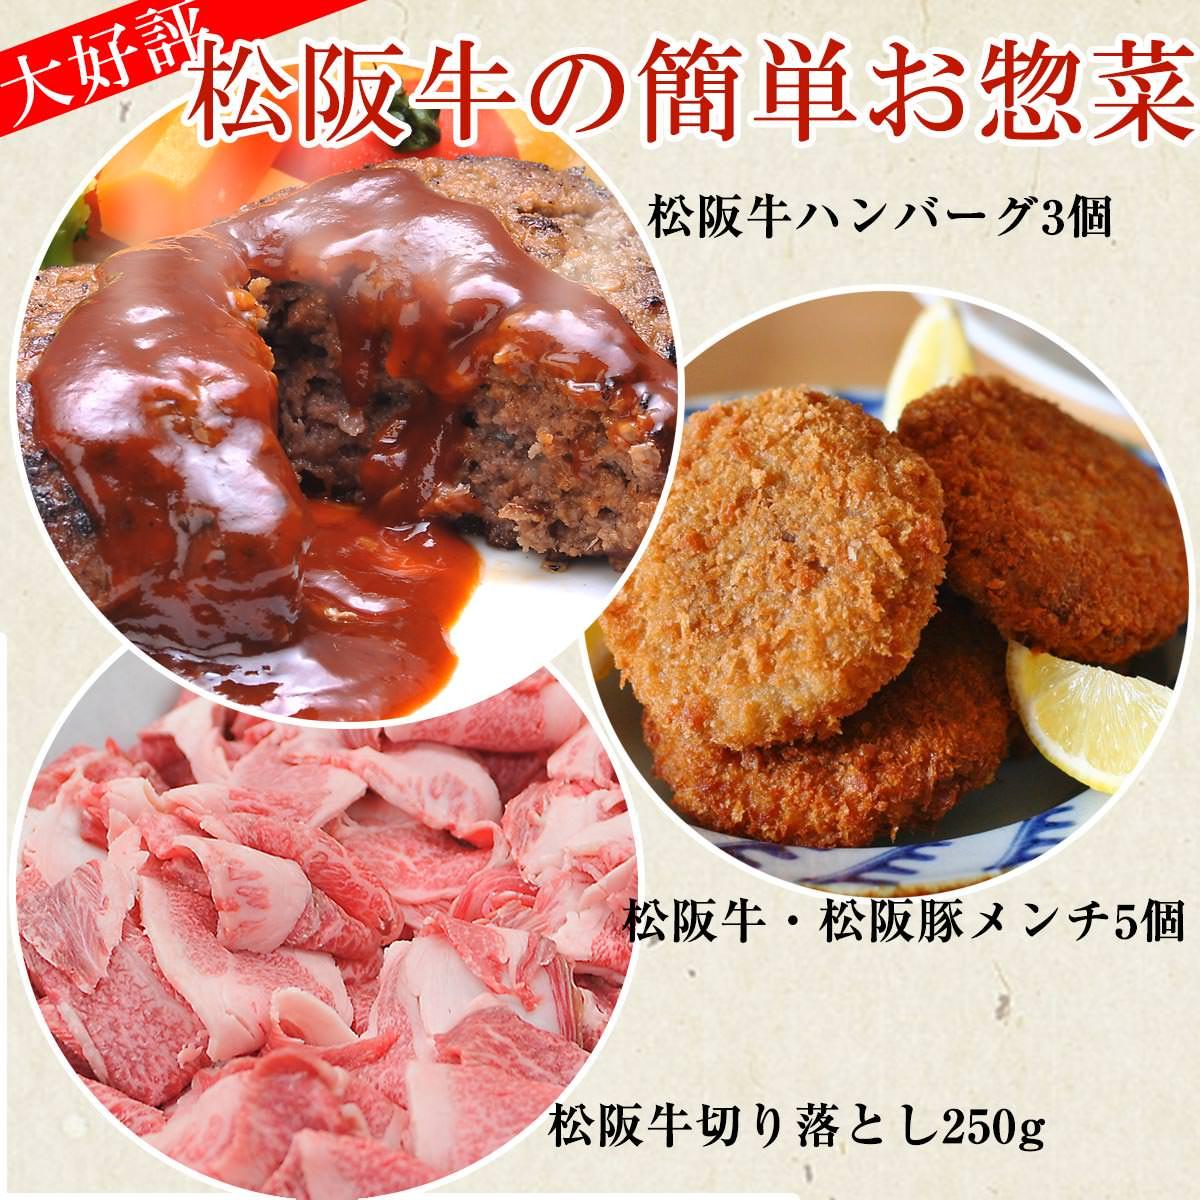 松阪牛お惣菜デラックスセット